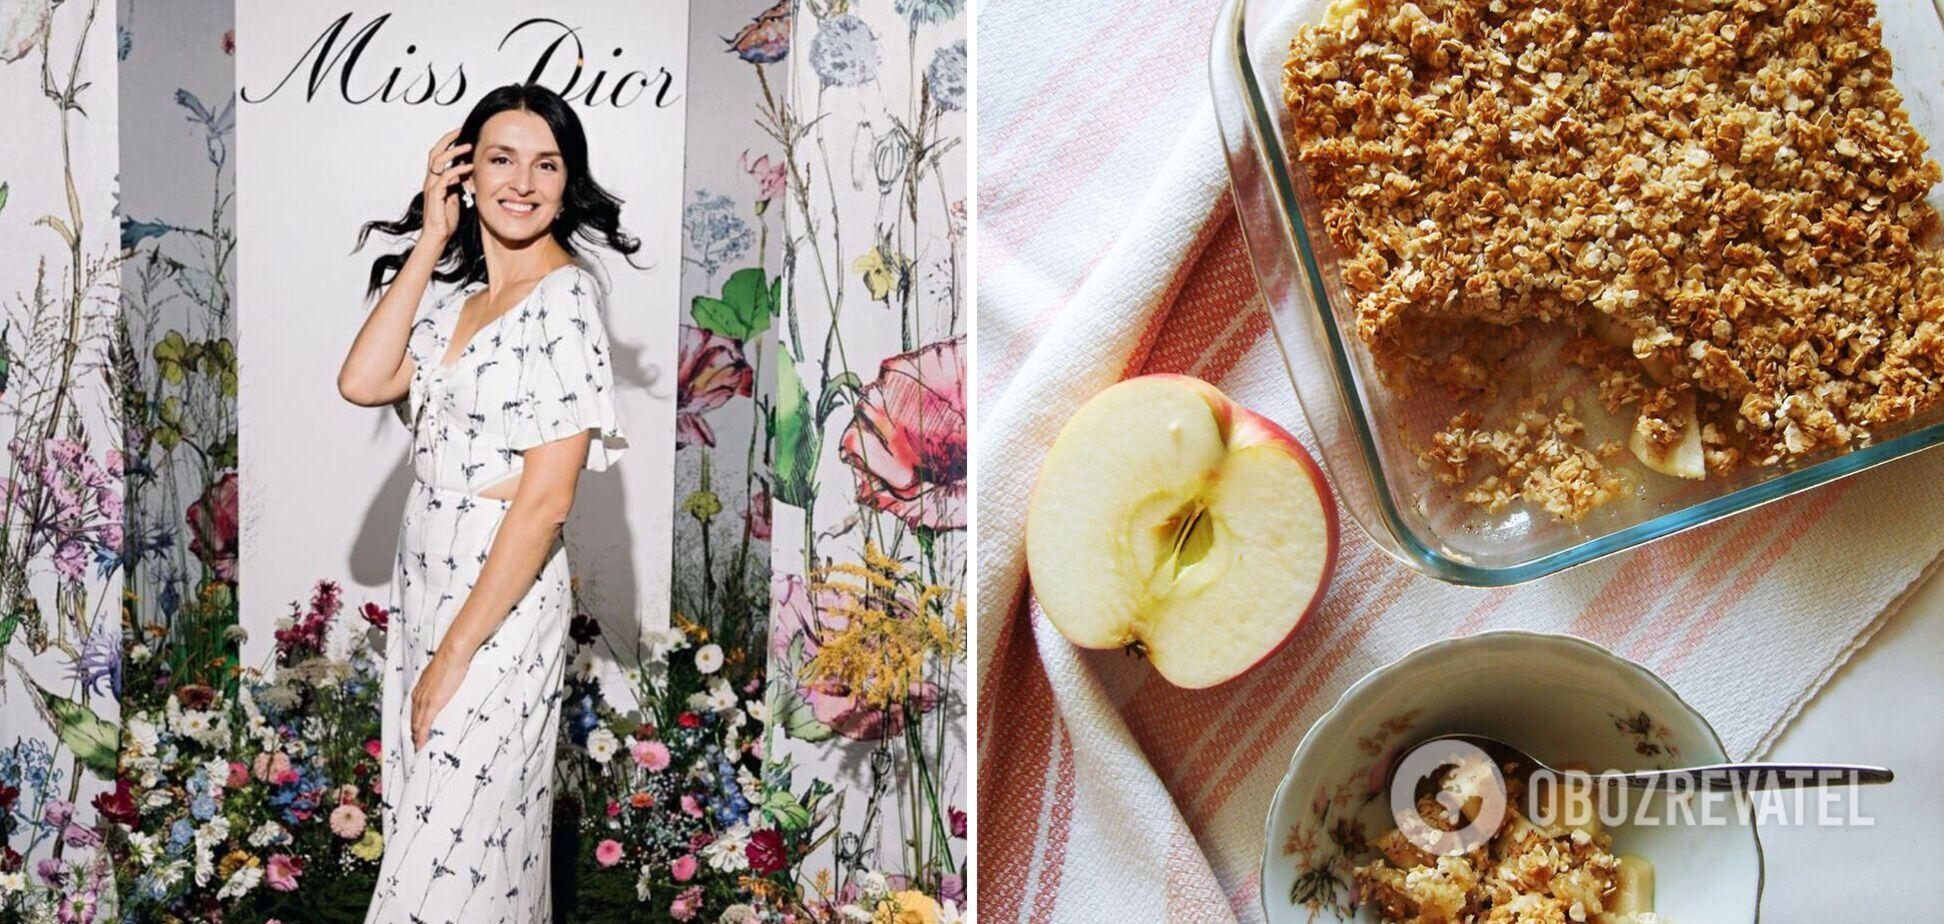 Валентина Хамайко поділилася рецептом смачного яблучного крамблу